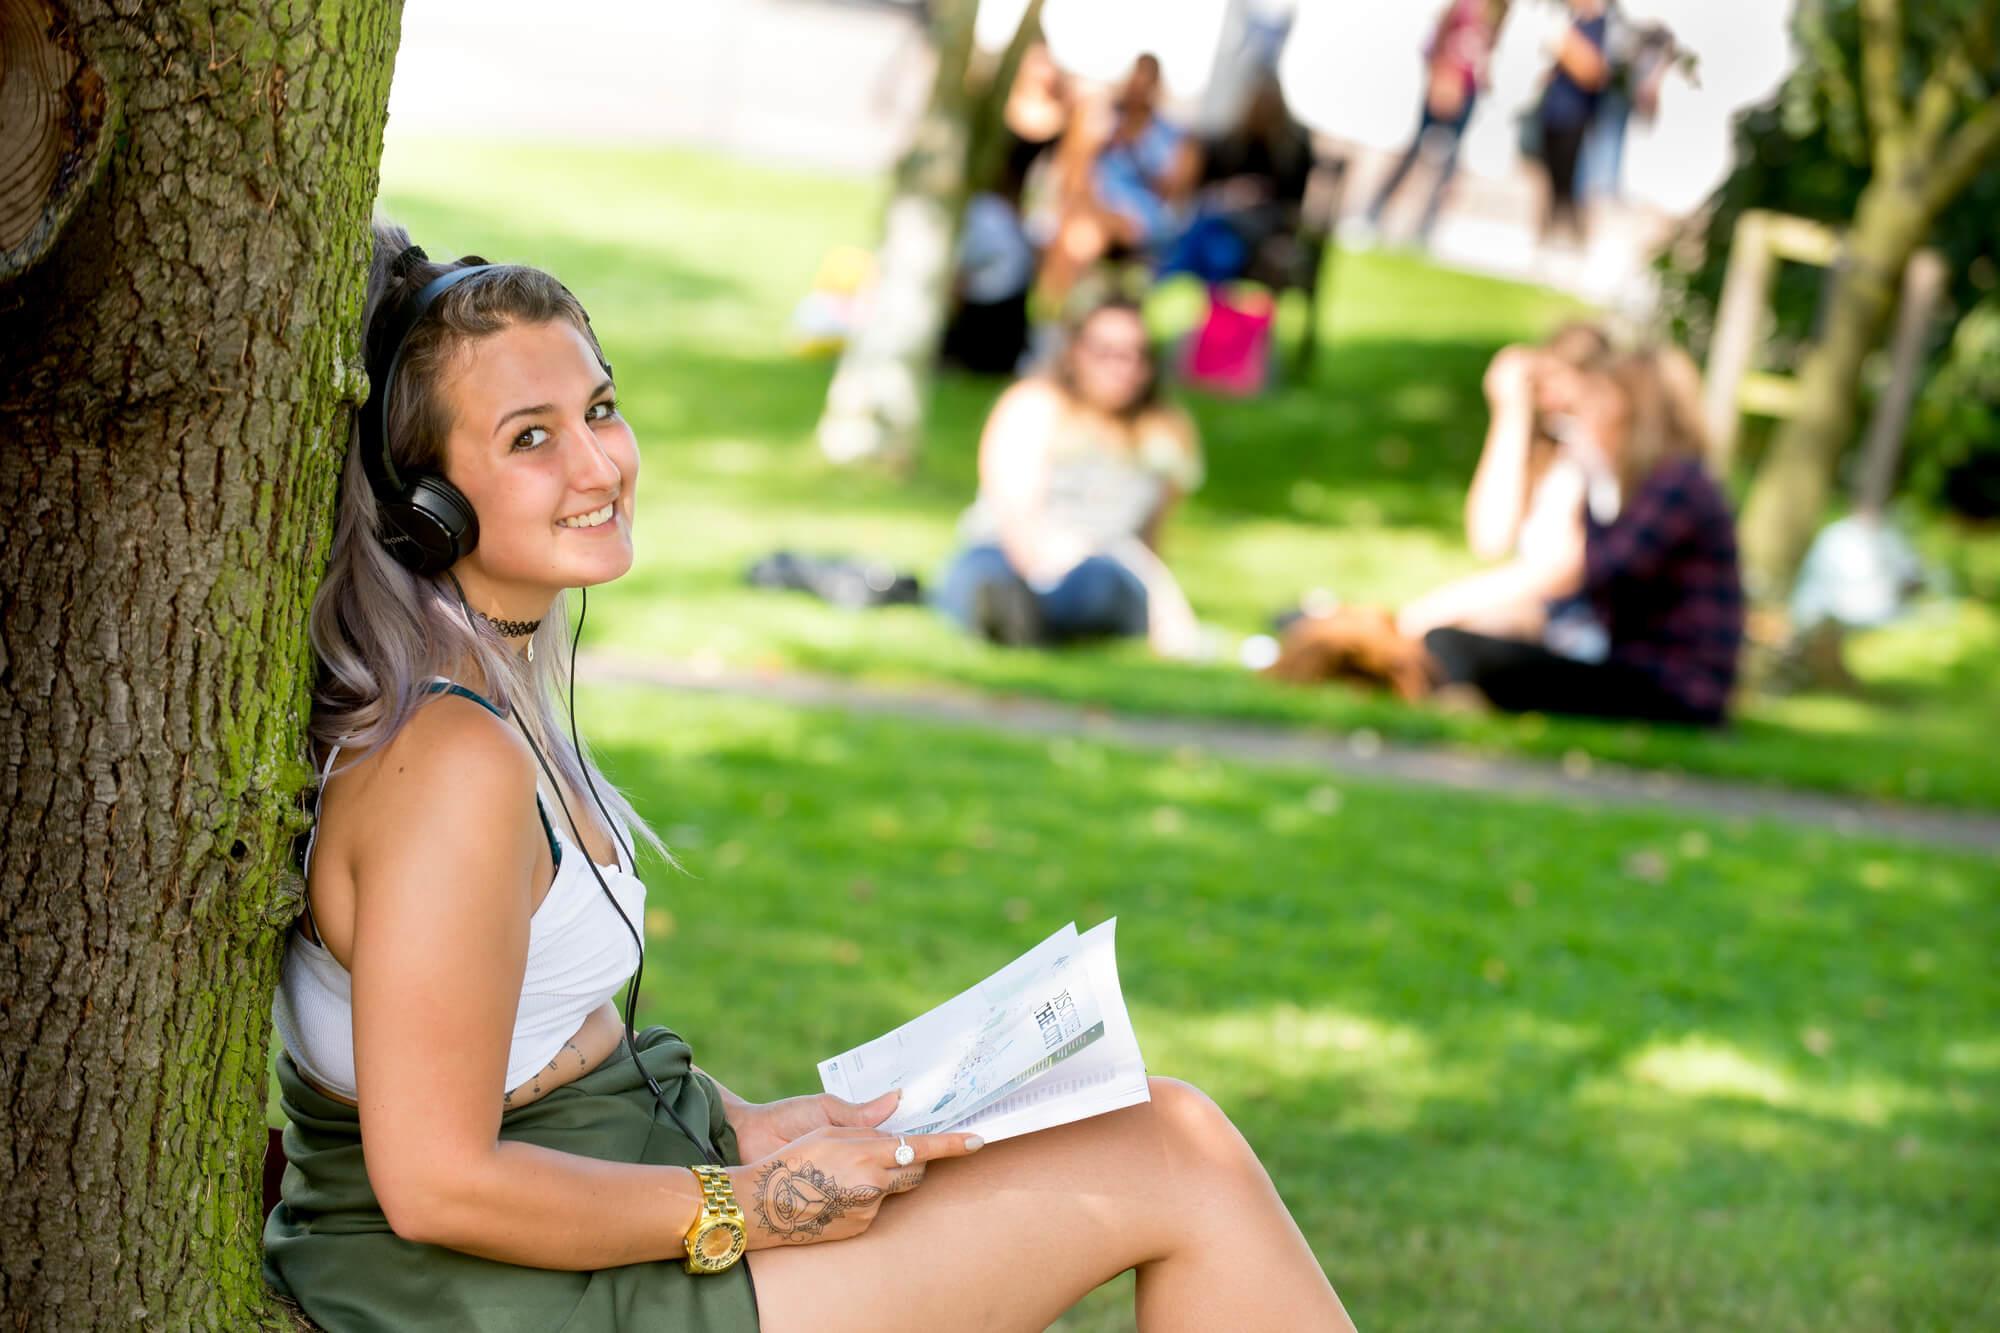 Student outdoor